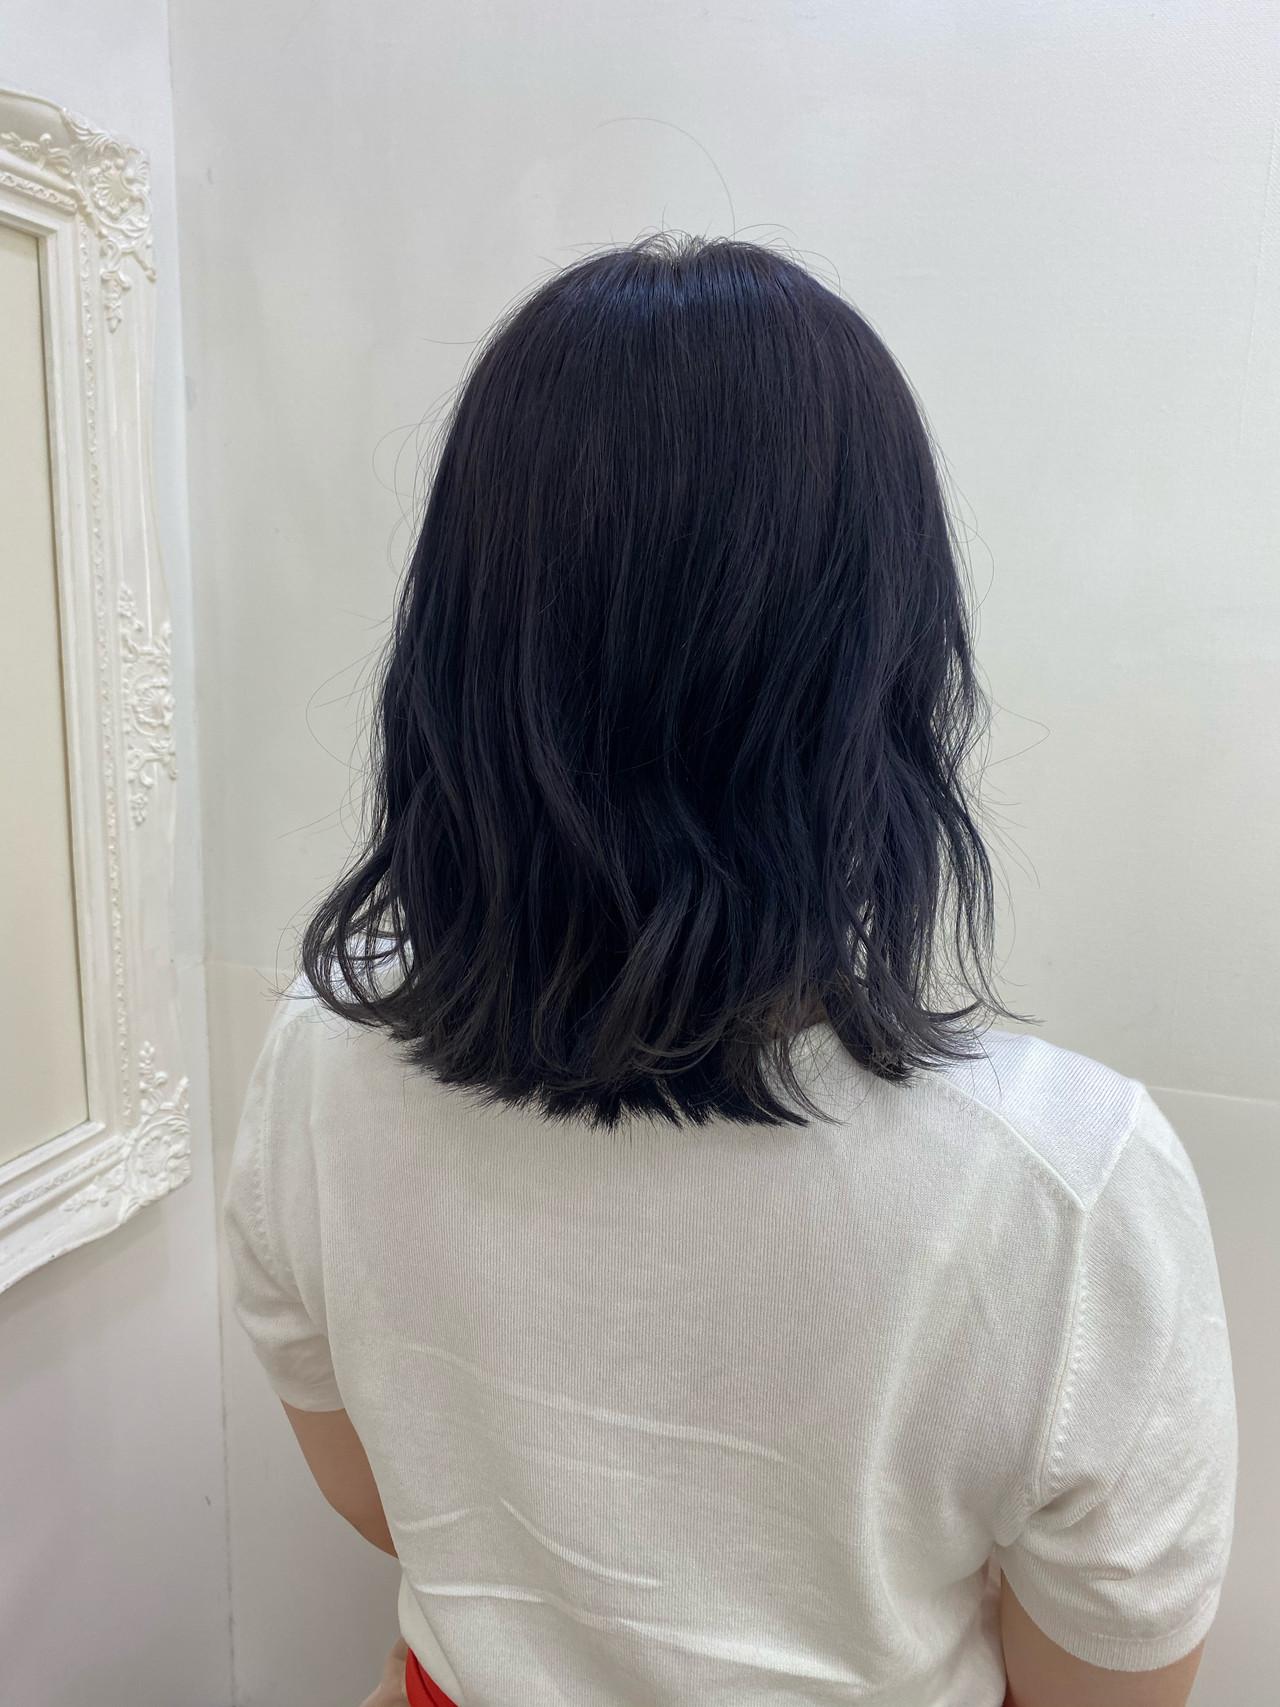 ブルーラベンダー ブルージュ ネイビーブルー モードヘアスタイルや髪型の写真・画像